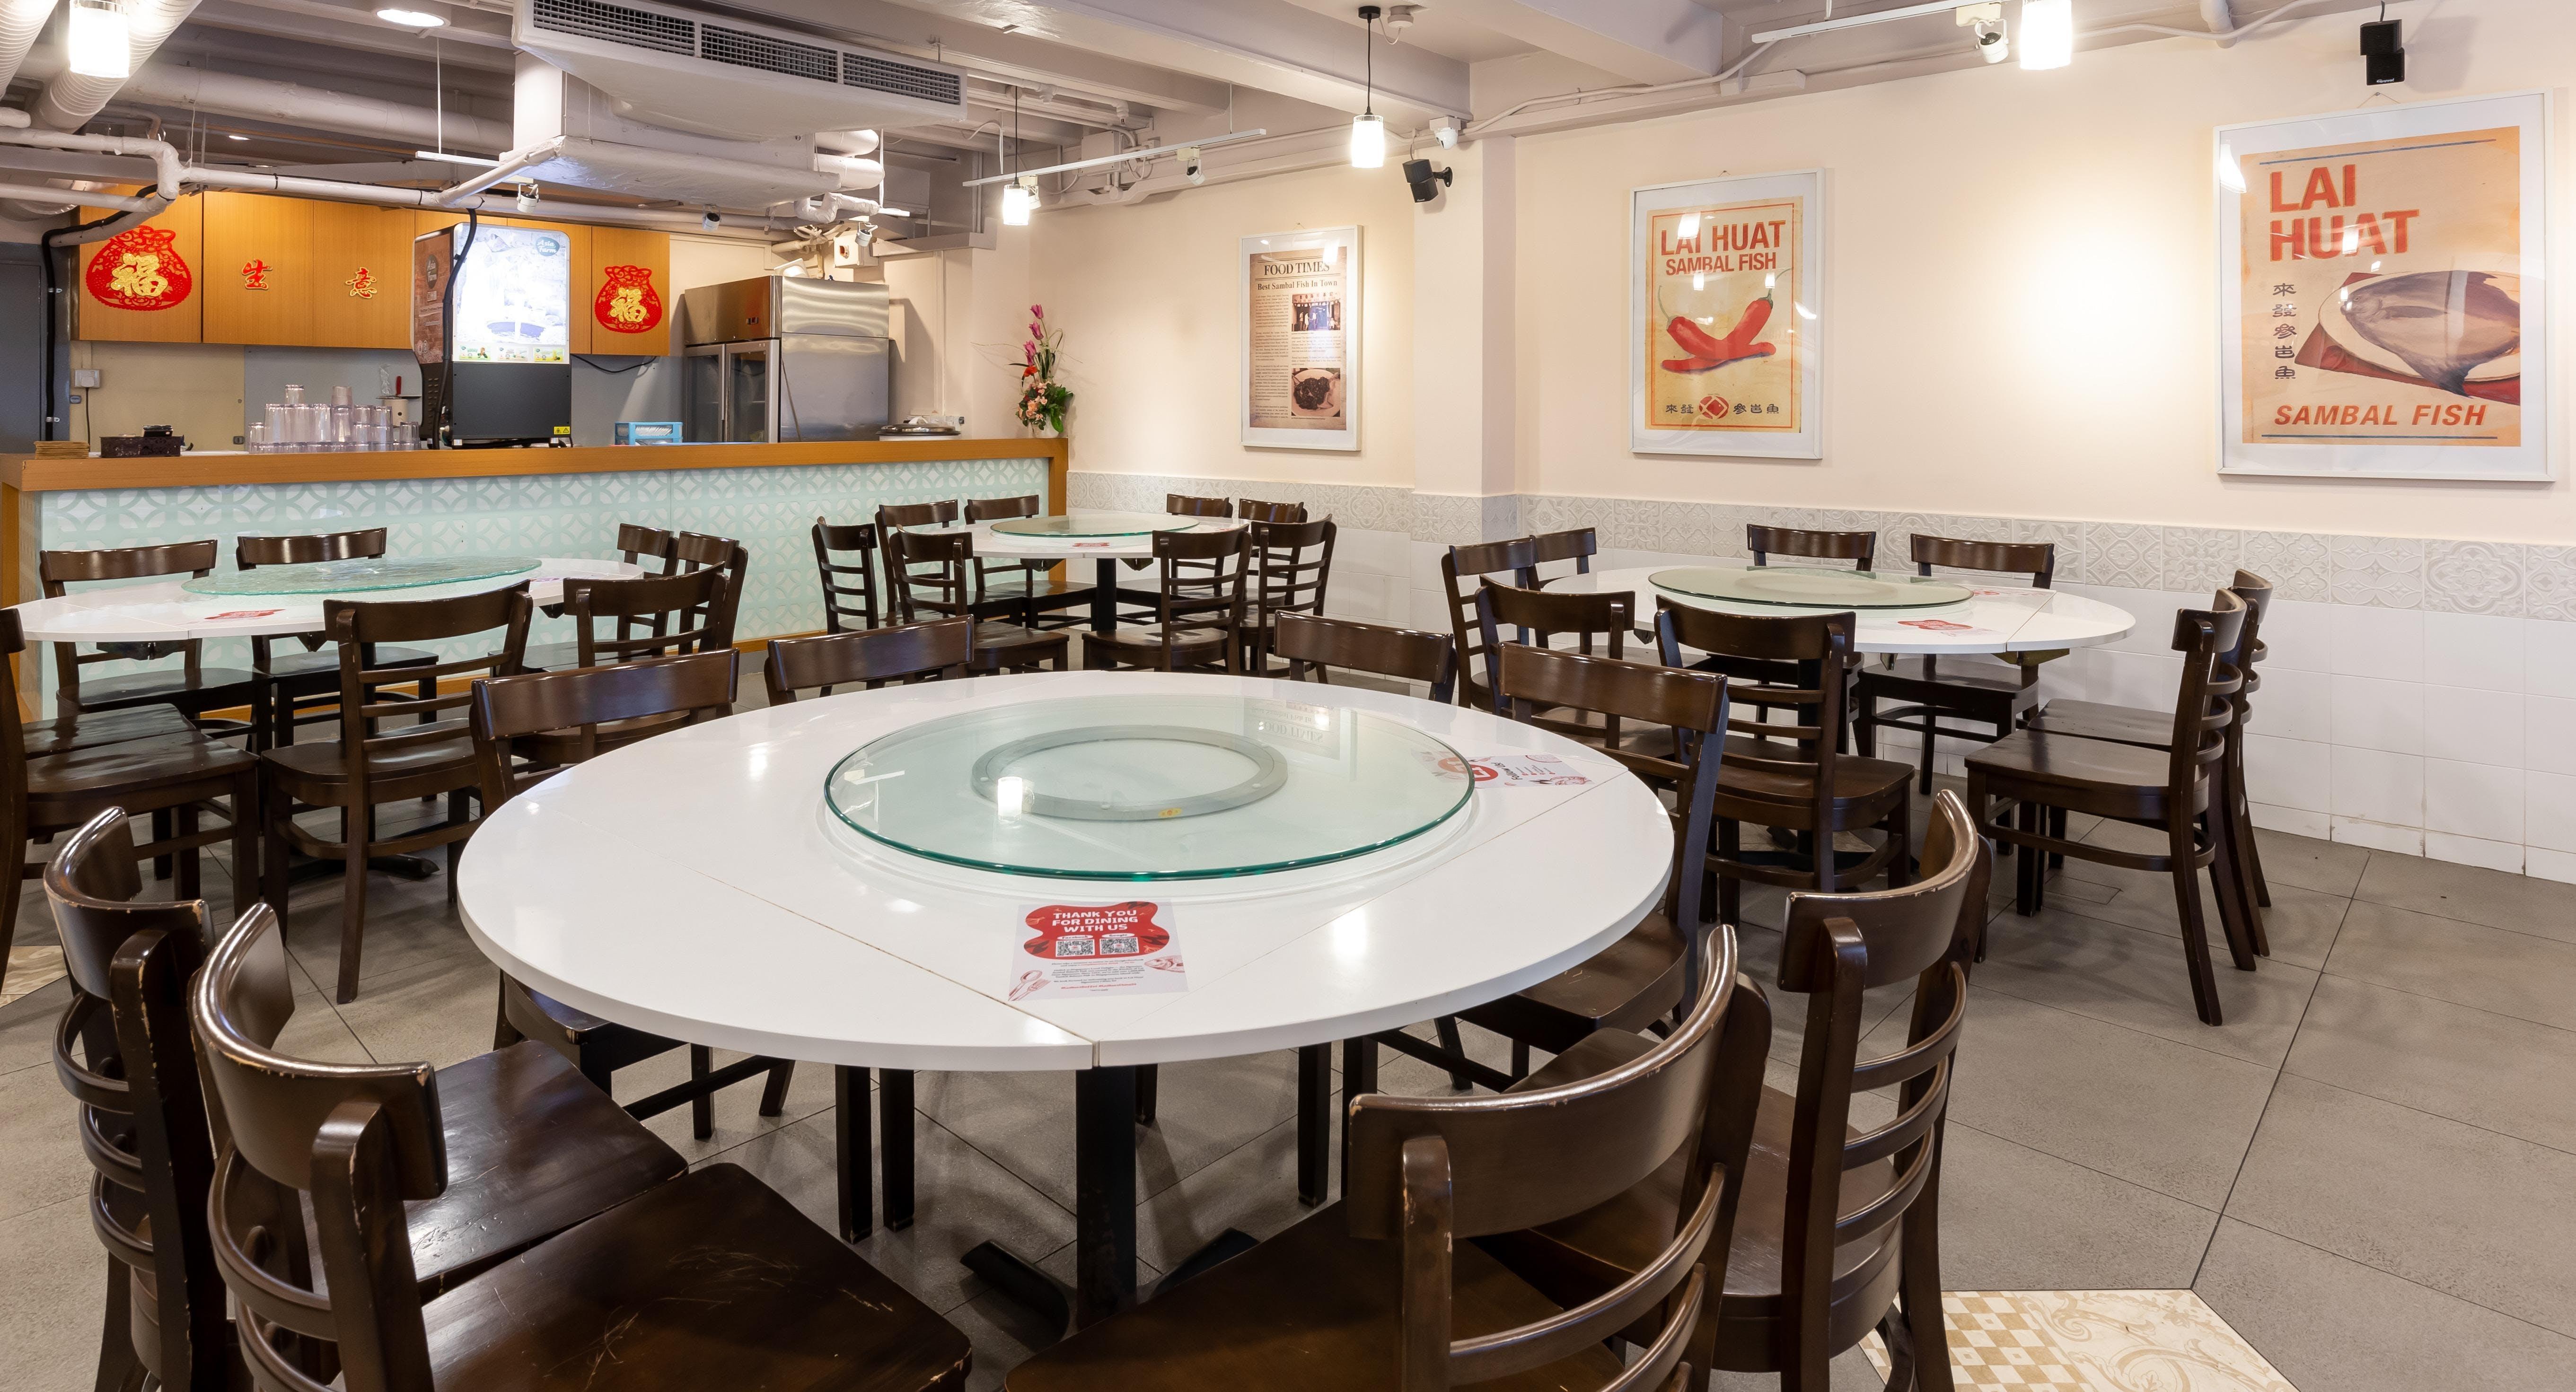 Photo of restaurant Lai Huat Signatures - East Coast in Bedok, Singapore